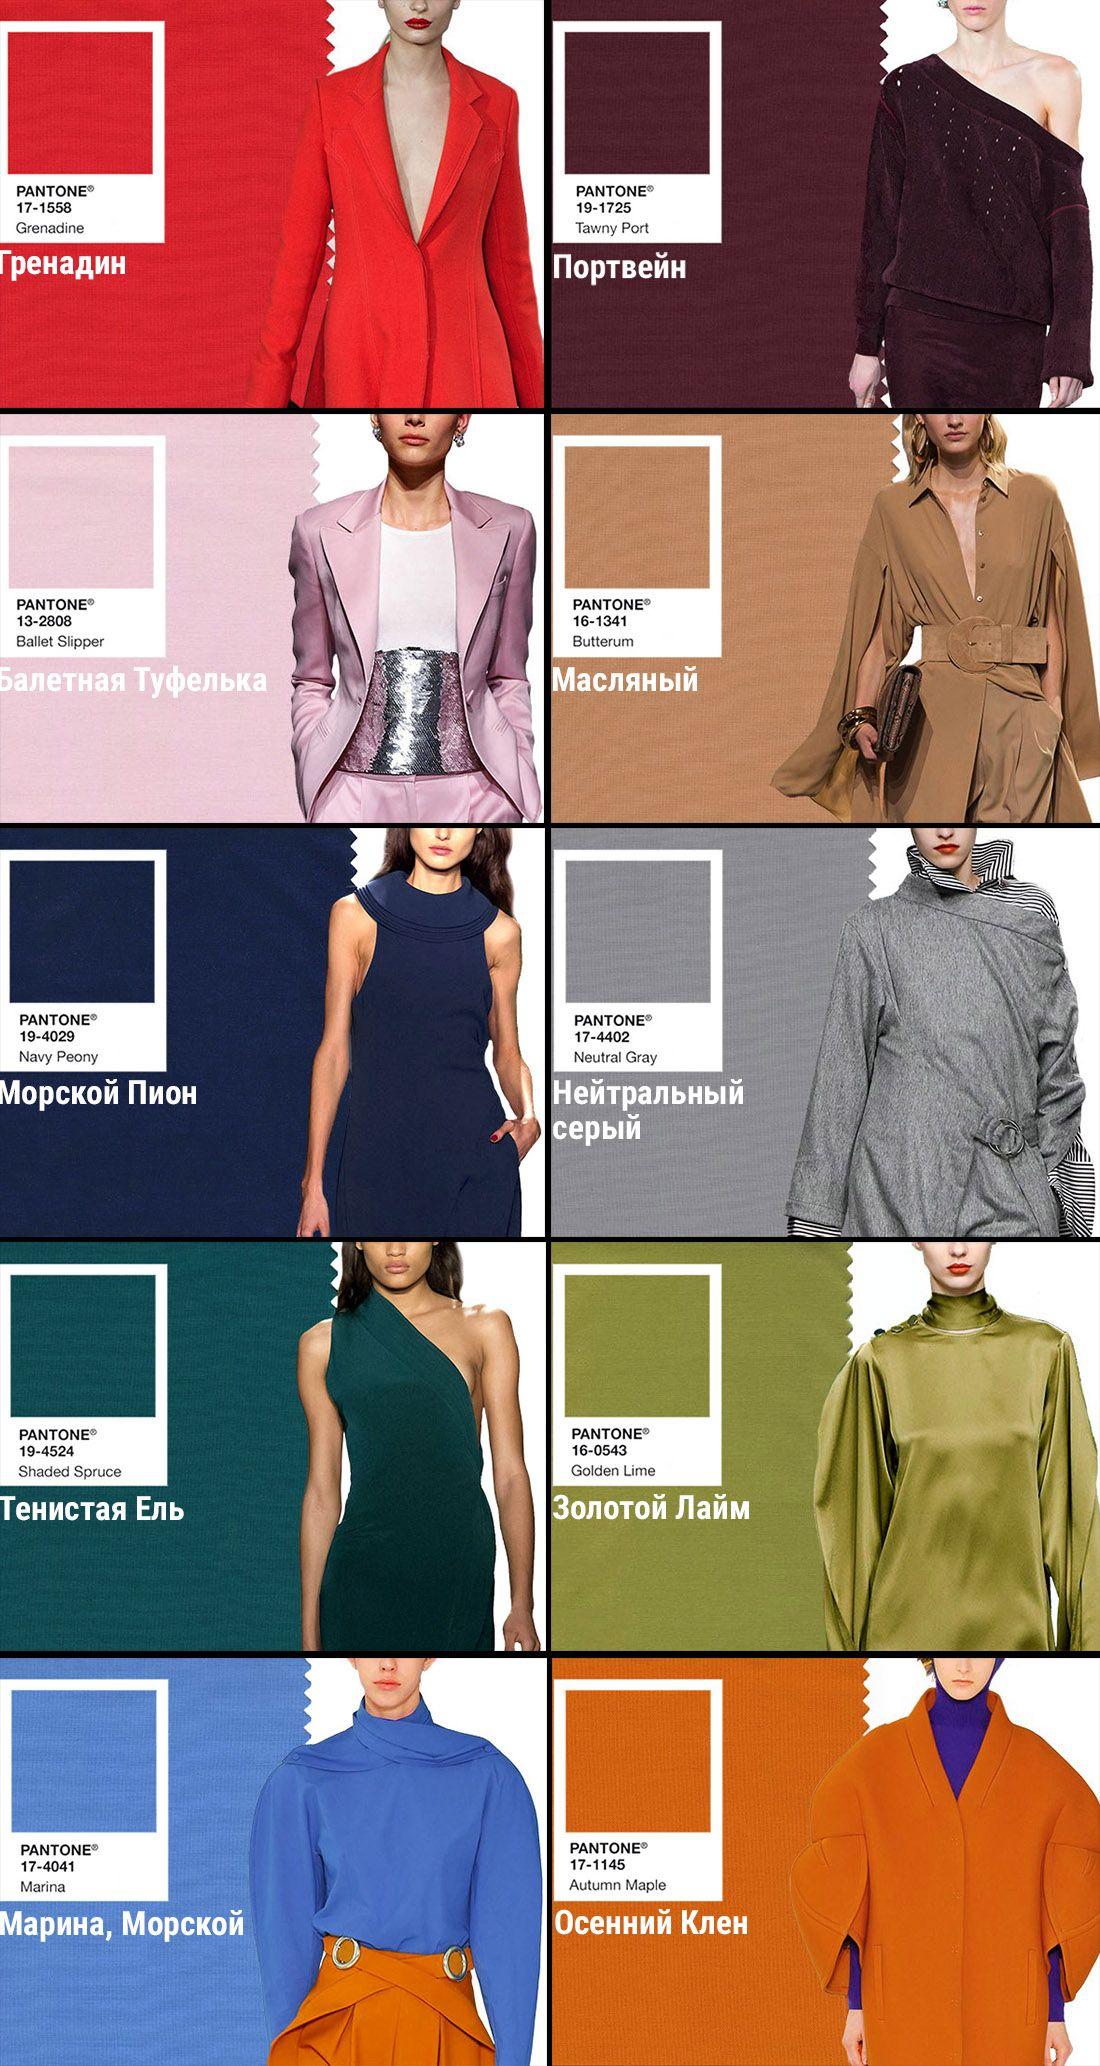 Trendy renkler sonbahar-kış 2018 - 2019